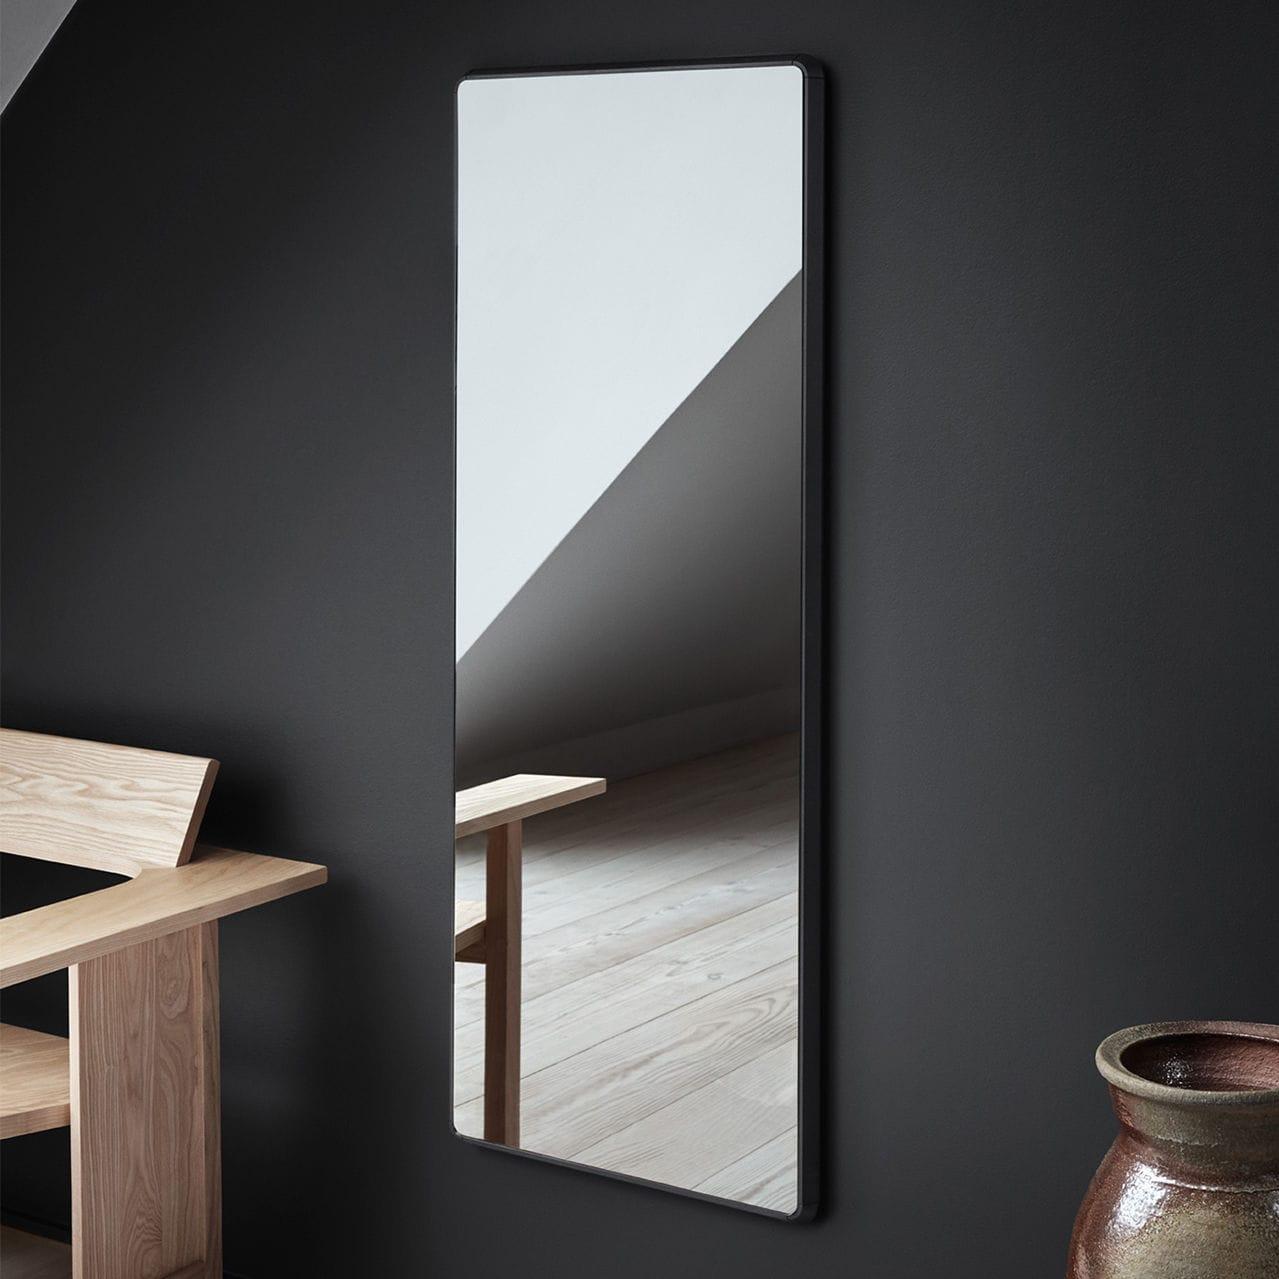 Specchio Design Moderno Camera Da Letto.Specchio Da Bagno A Muro Vipp912 Vipp Per Camera Da Letto